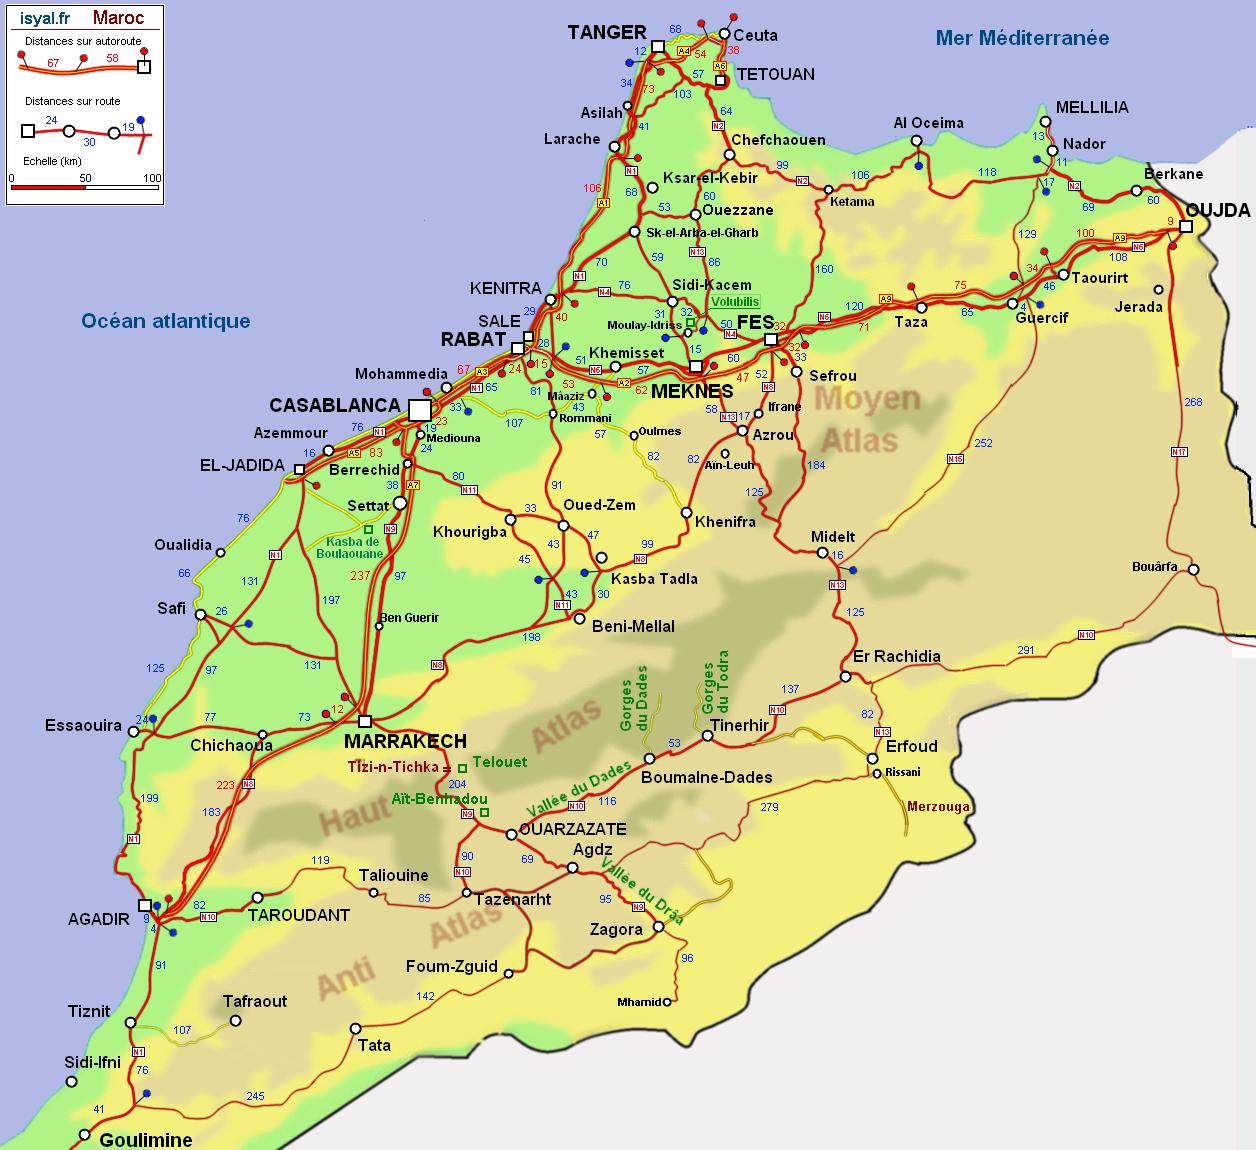 Carte Kabylie Detaillee.Carte Routiere Detaillee Du Maroc Avec Kilometrage 2011